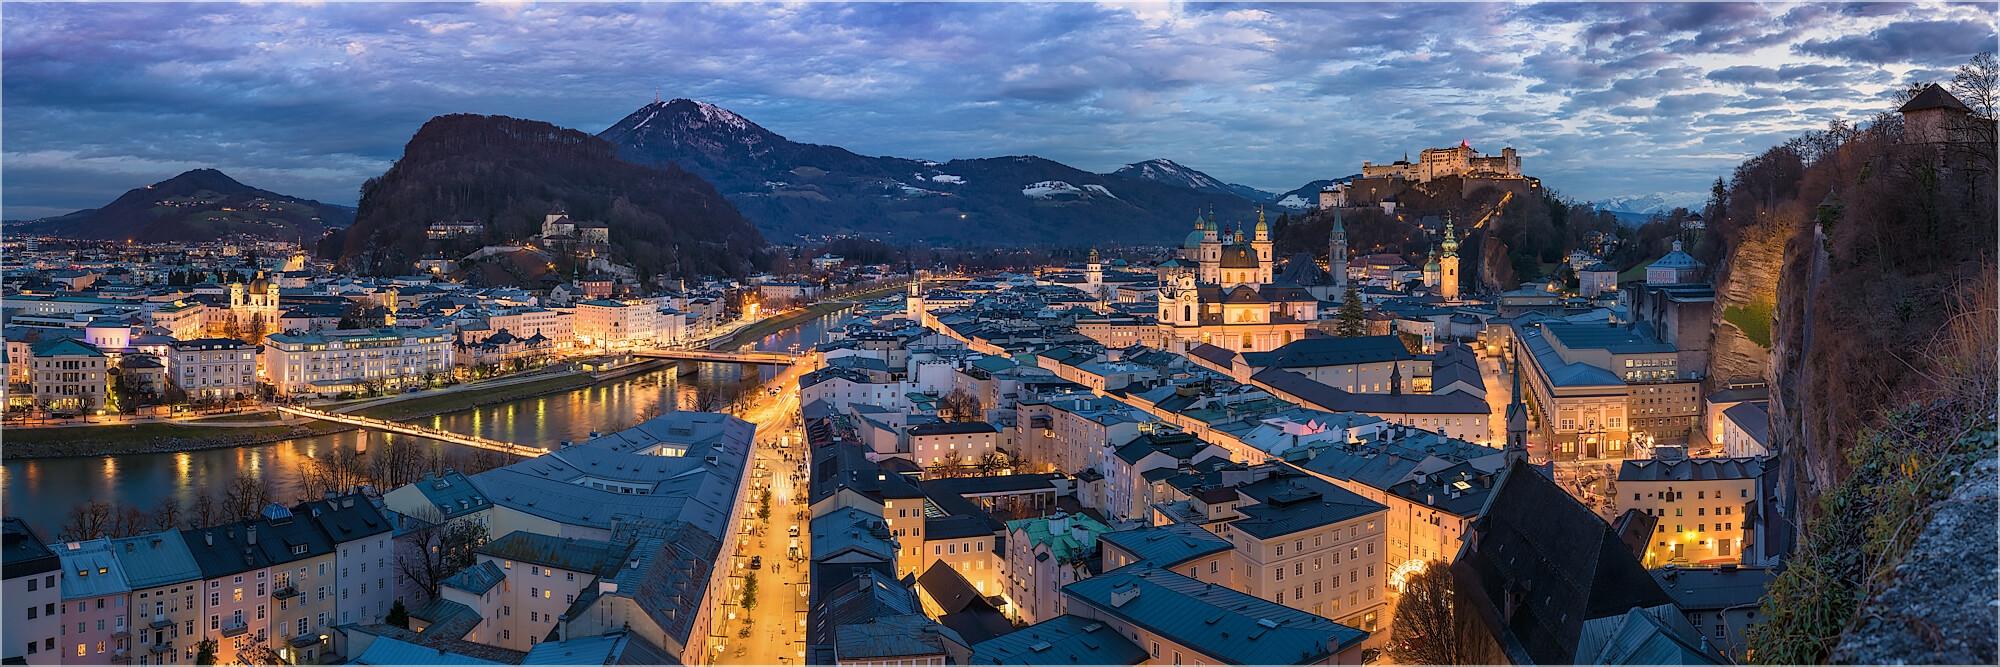 Panoramafoto über den Dächern von Salzburg